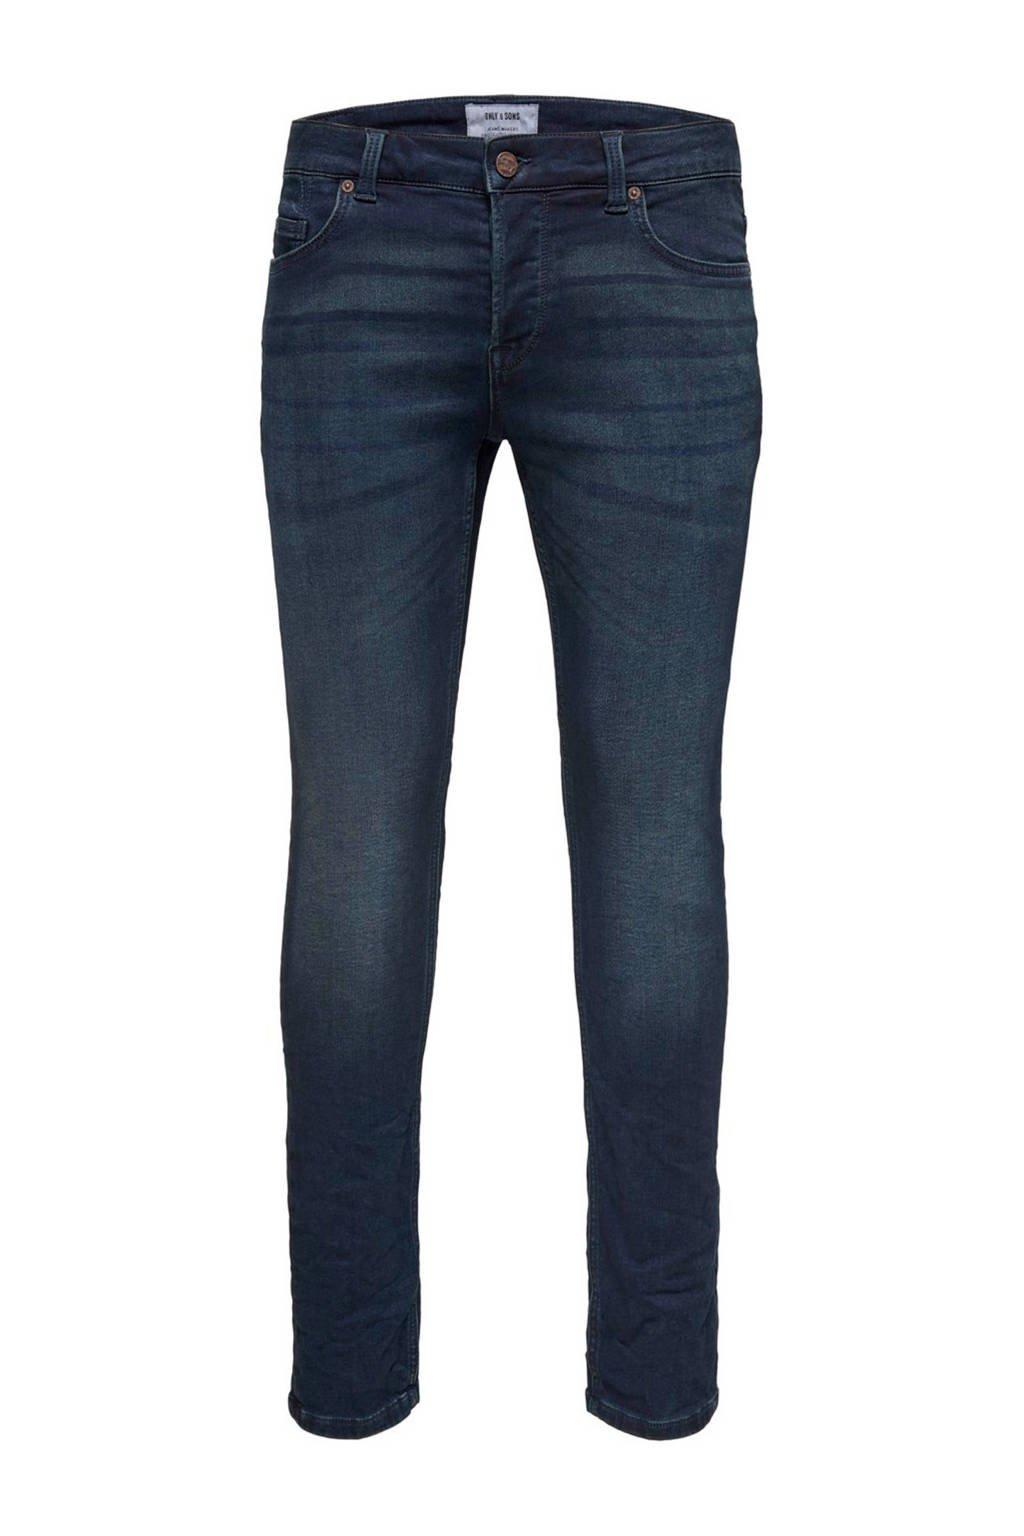 ONLY & SONS regular fit jeans blue denim, Blue denim